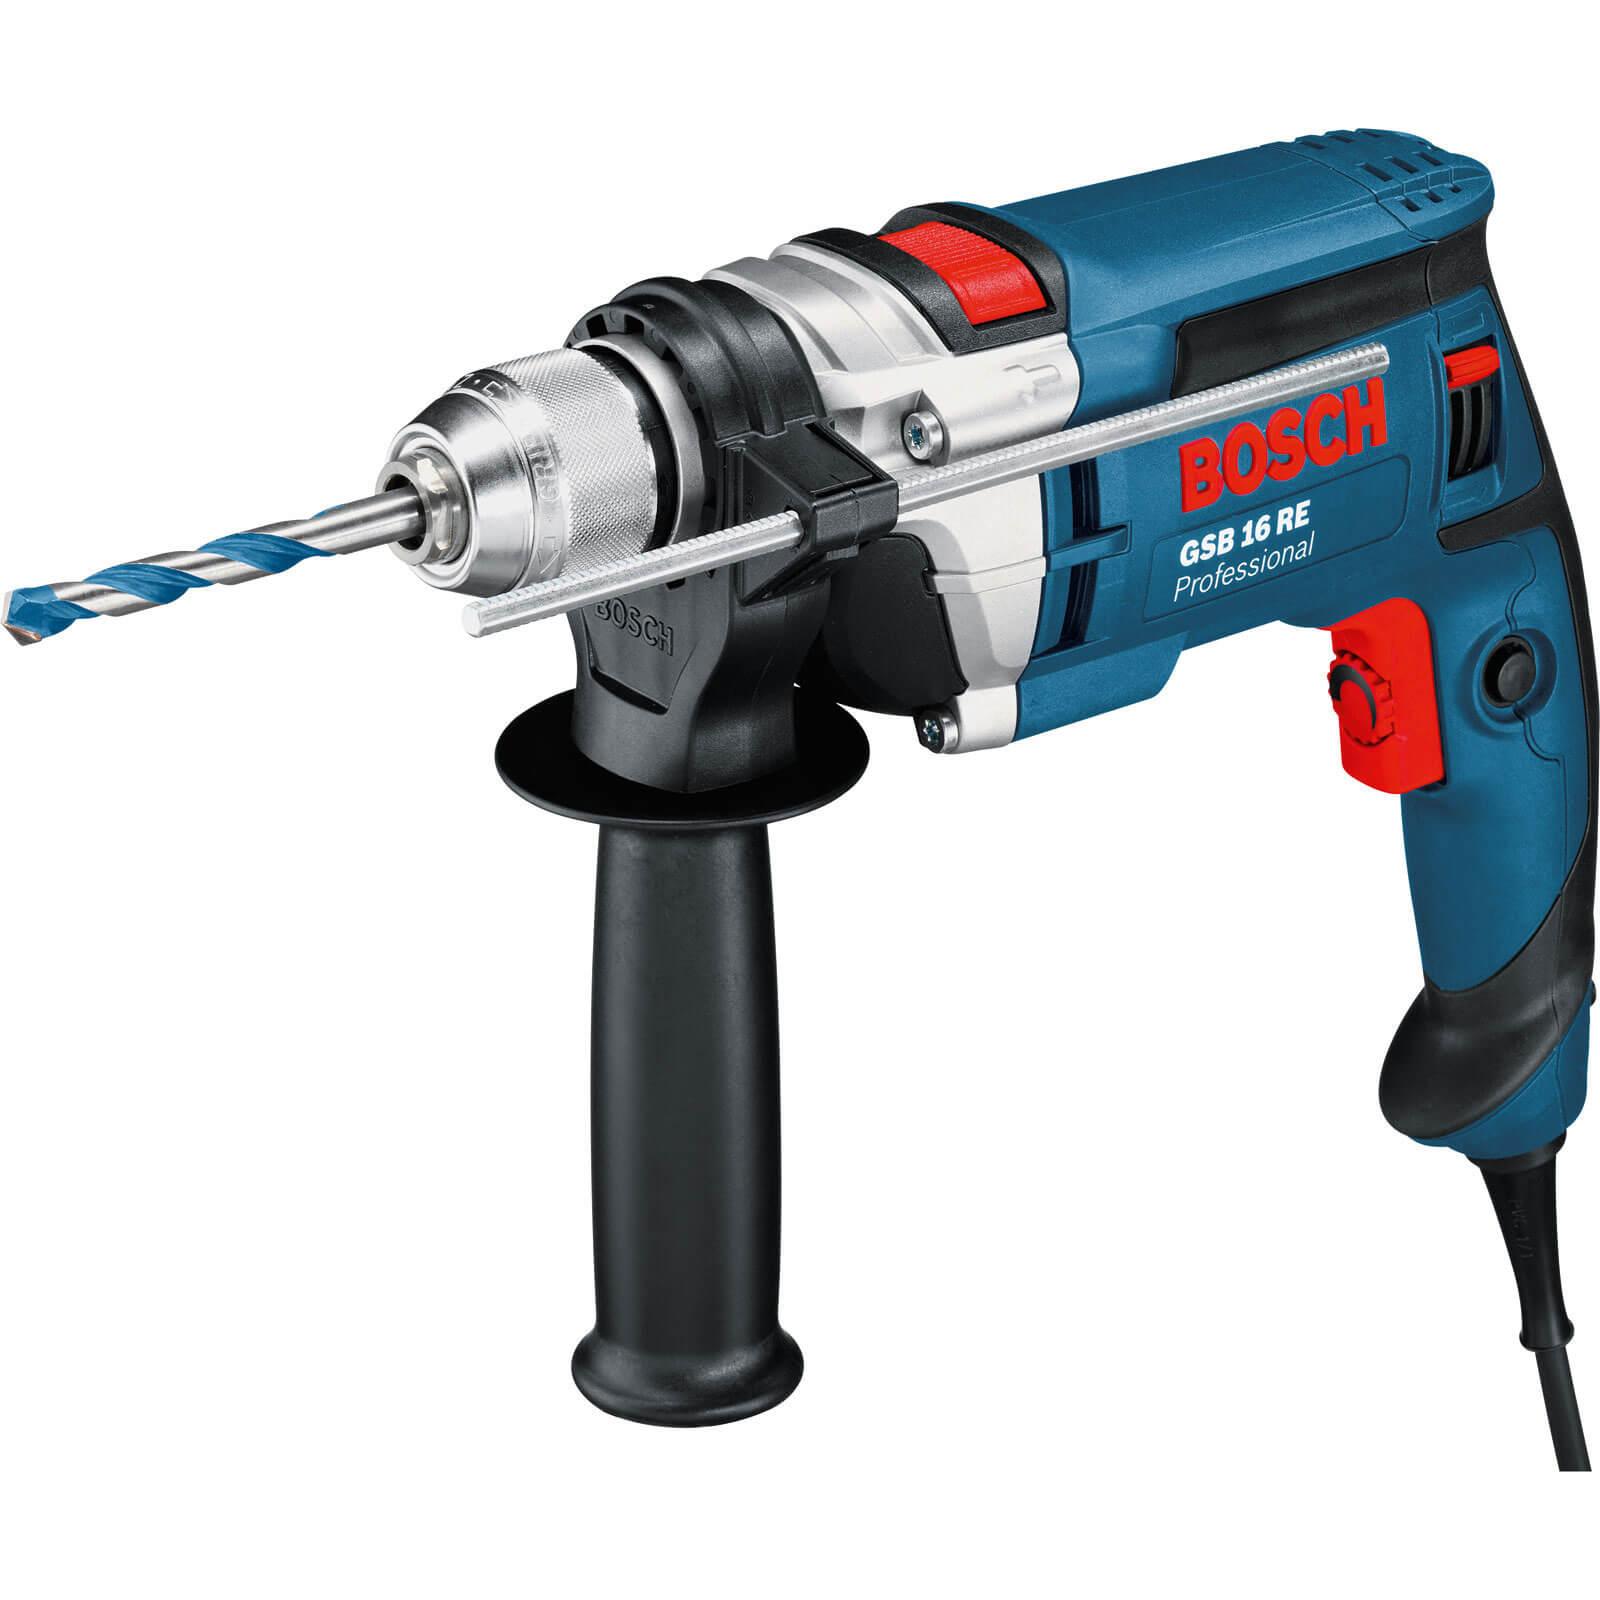 Image of Bosch GSB 16 RE Hammer Drill 110v